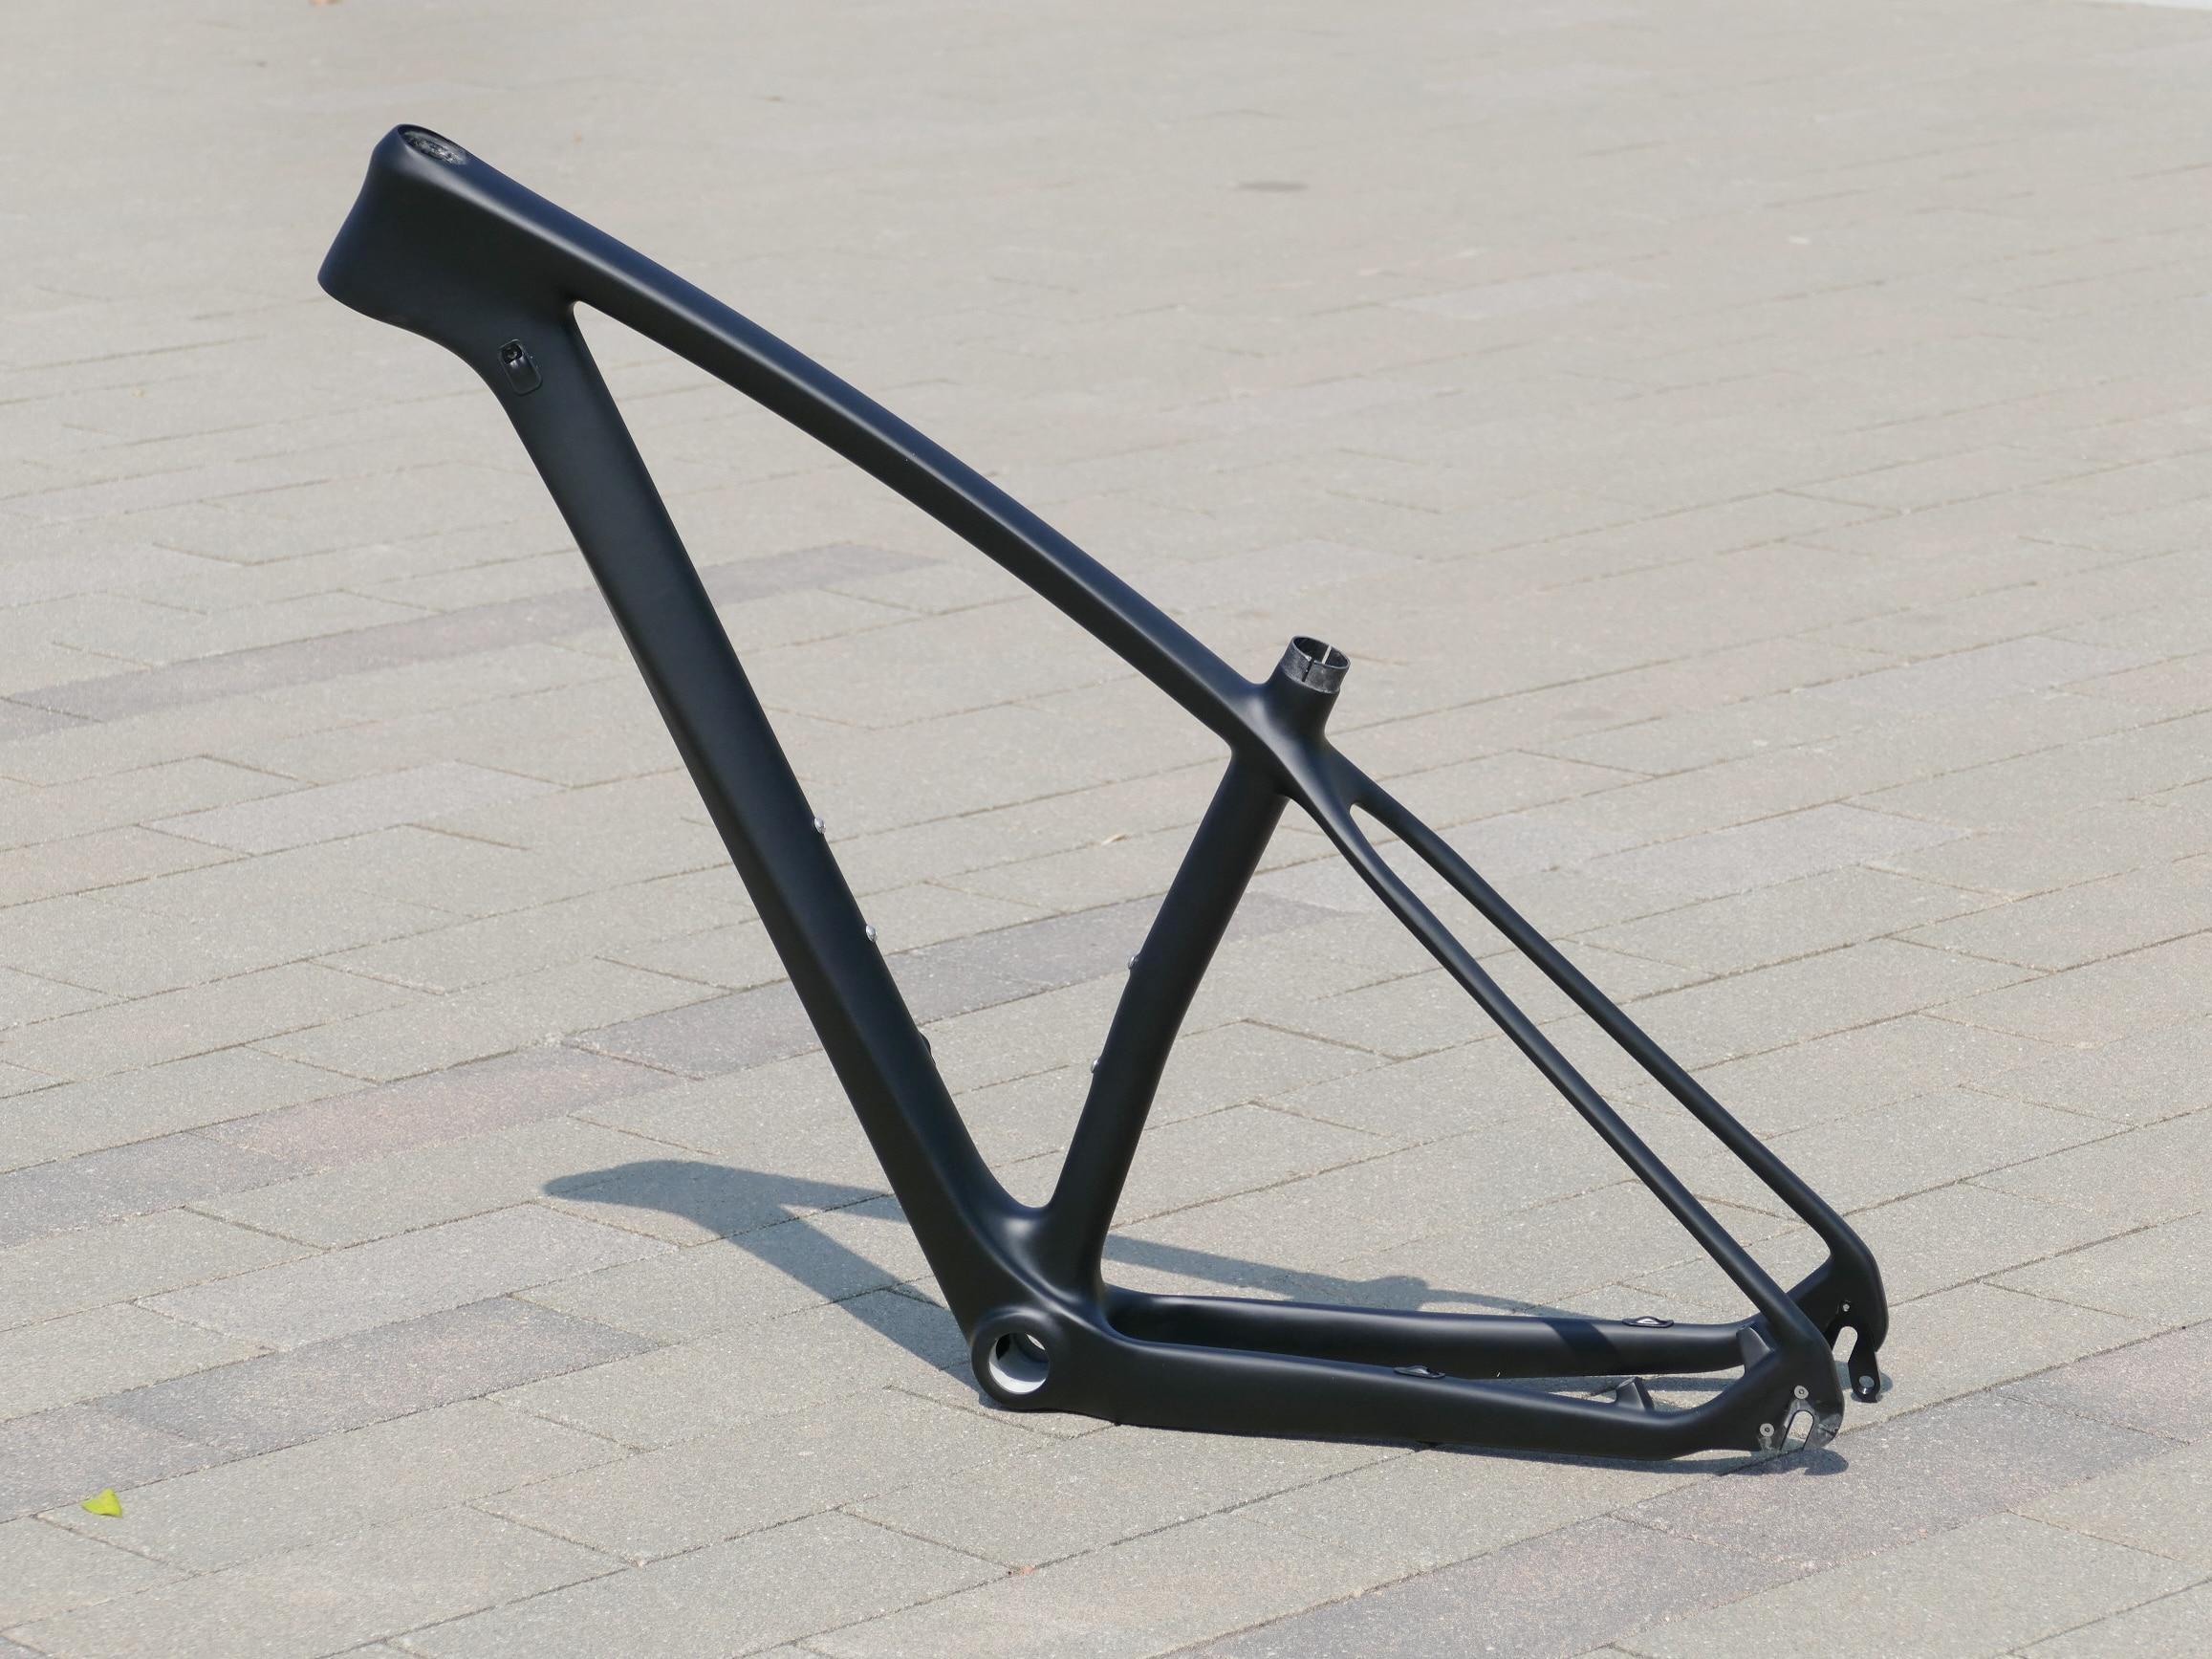 УГЛЕРОДНЫЙ руль UD матовый велосипедный велосипед Велоспорт 29ER горный велосипед MTB BSA / BB30 29er Рамка через мост 142*12 мм/Quick Release 135 мм